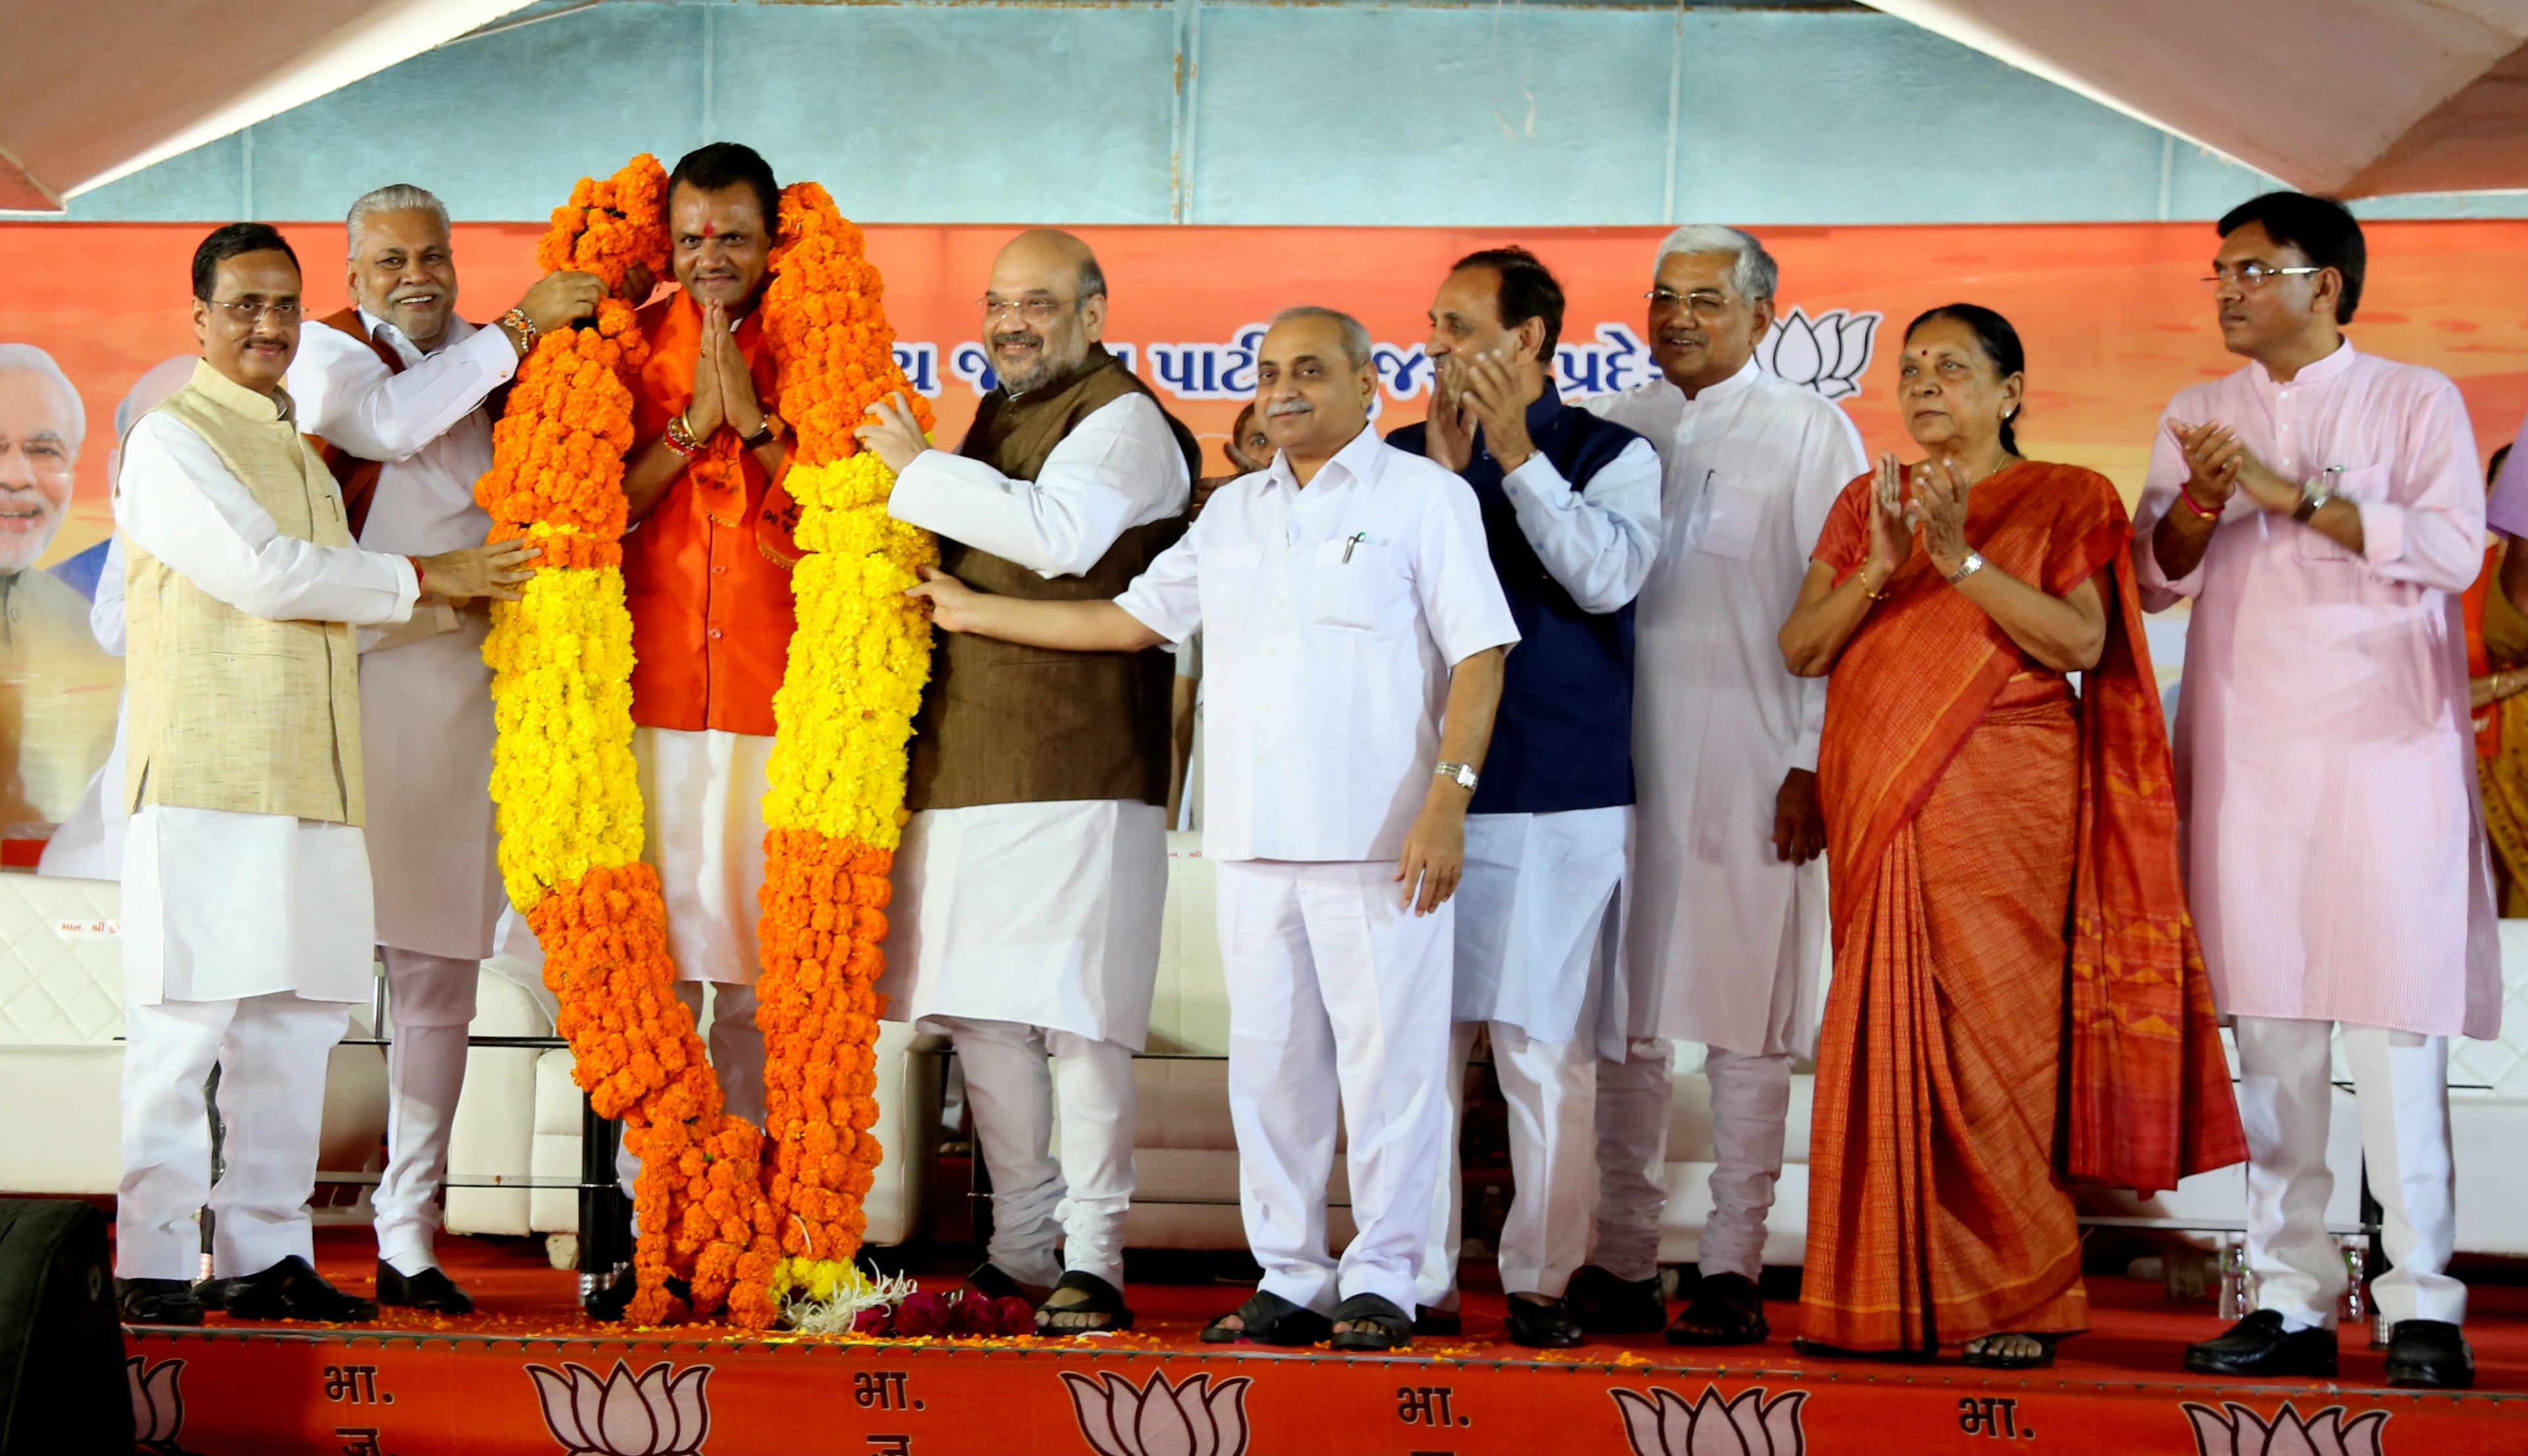 विजय रूपानी जब गुजरात के मुख्यमंत्री बन गए, तो जीतू बाघानी को गुजरात बीजेपी का अध्यक्ष बनाया गया था.